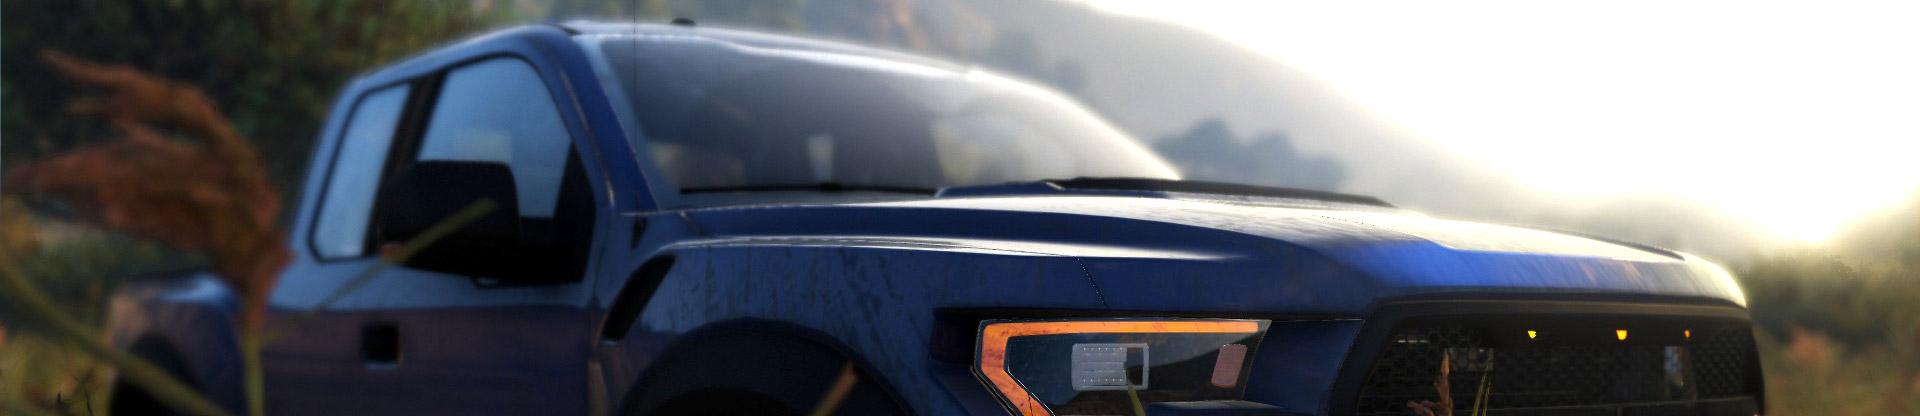 GTA Modding - Tous les mods et téléchargements pour GTA 5 sur PC